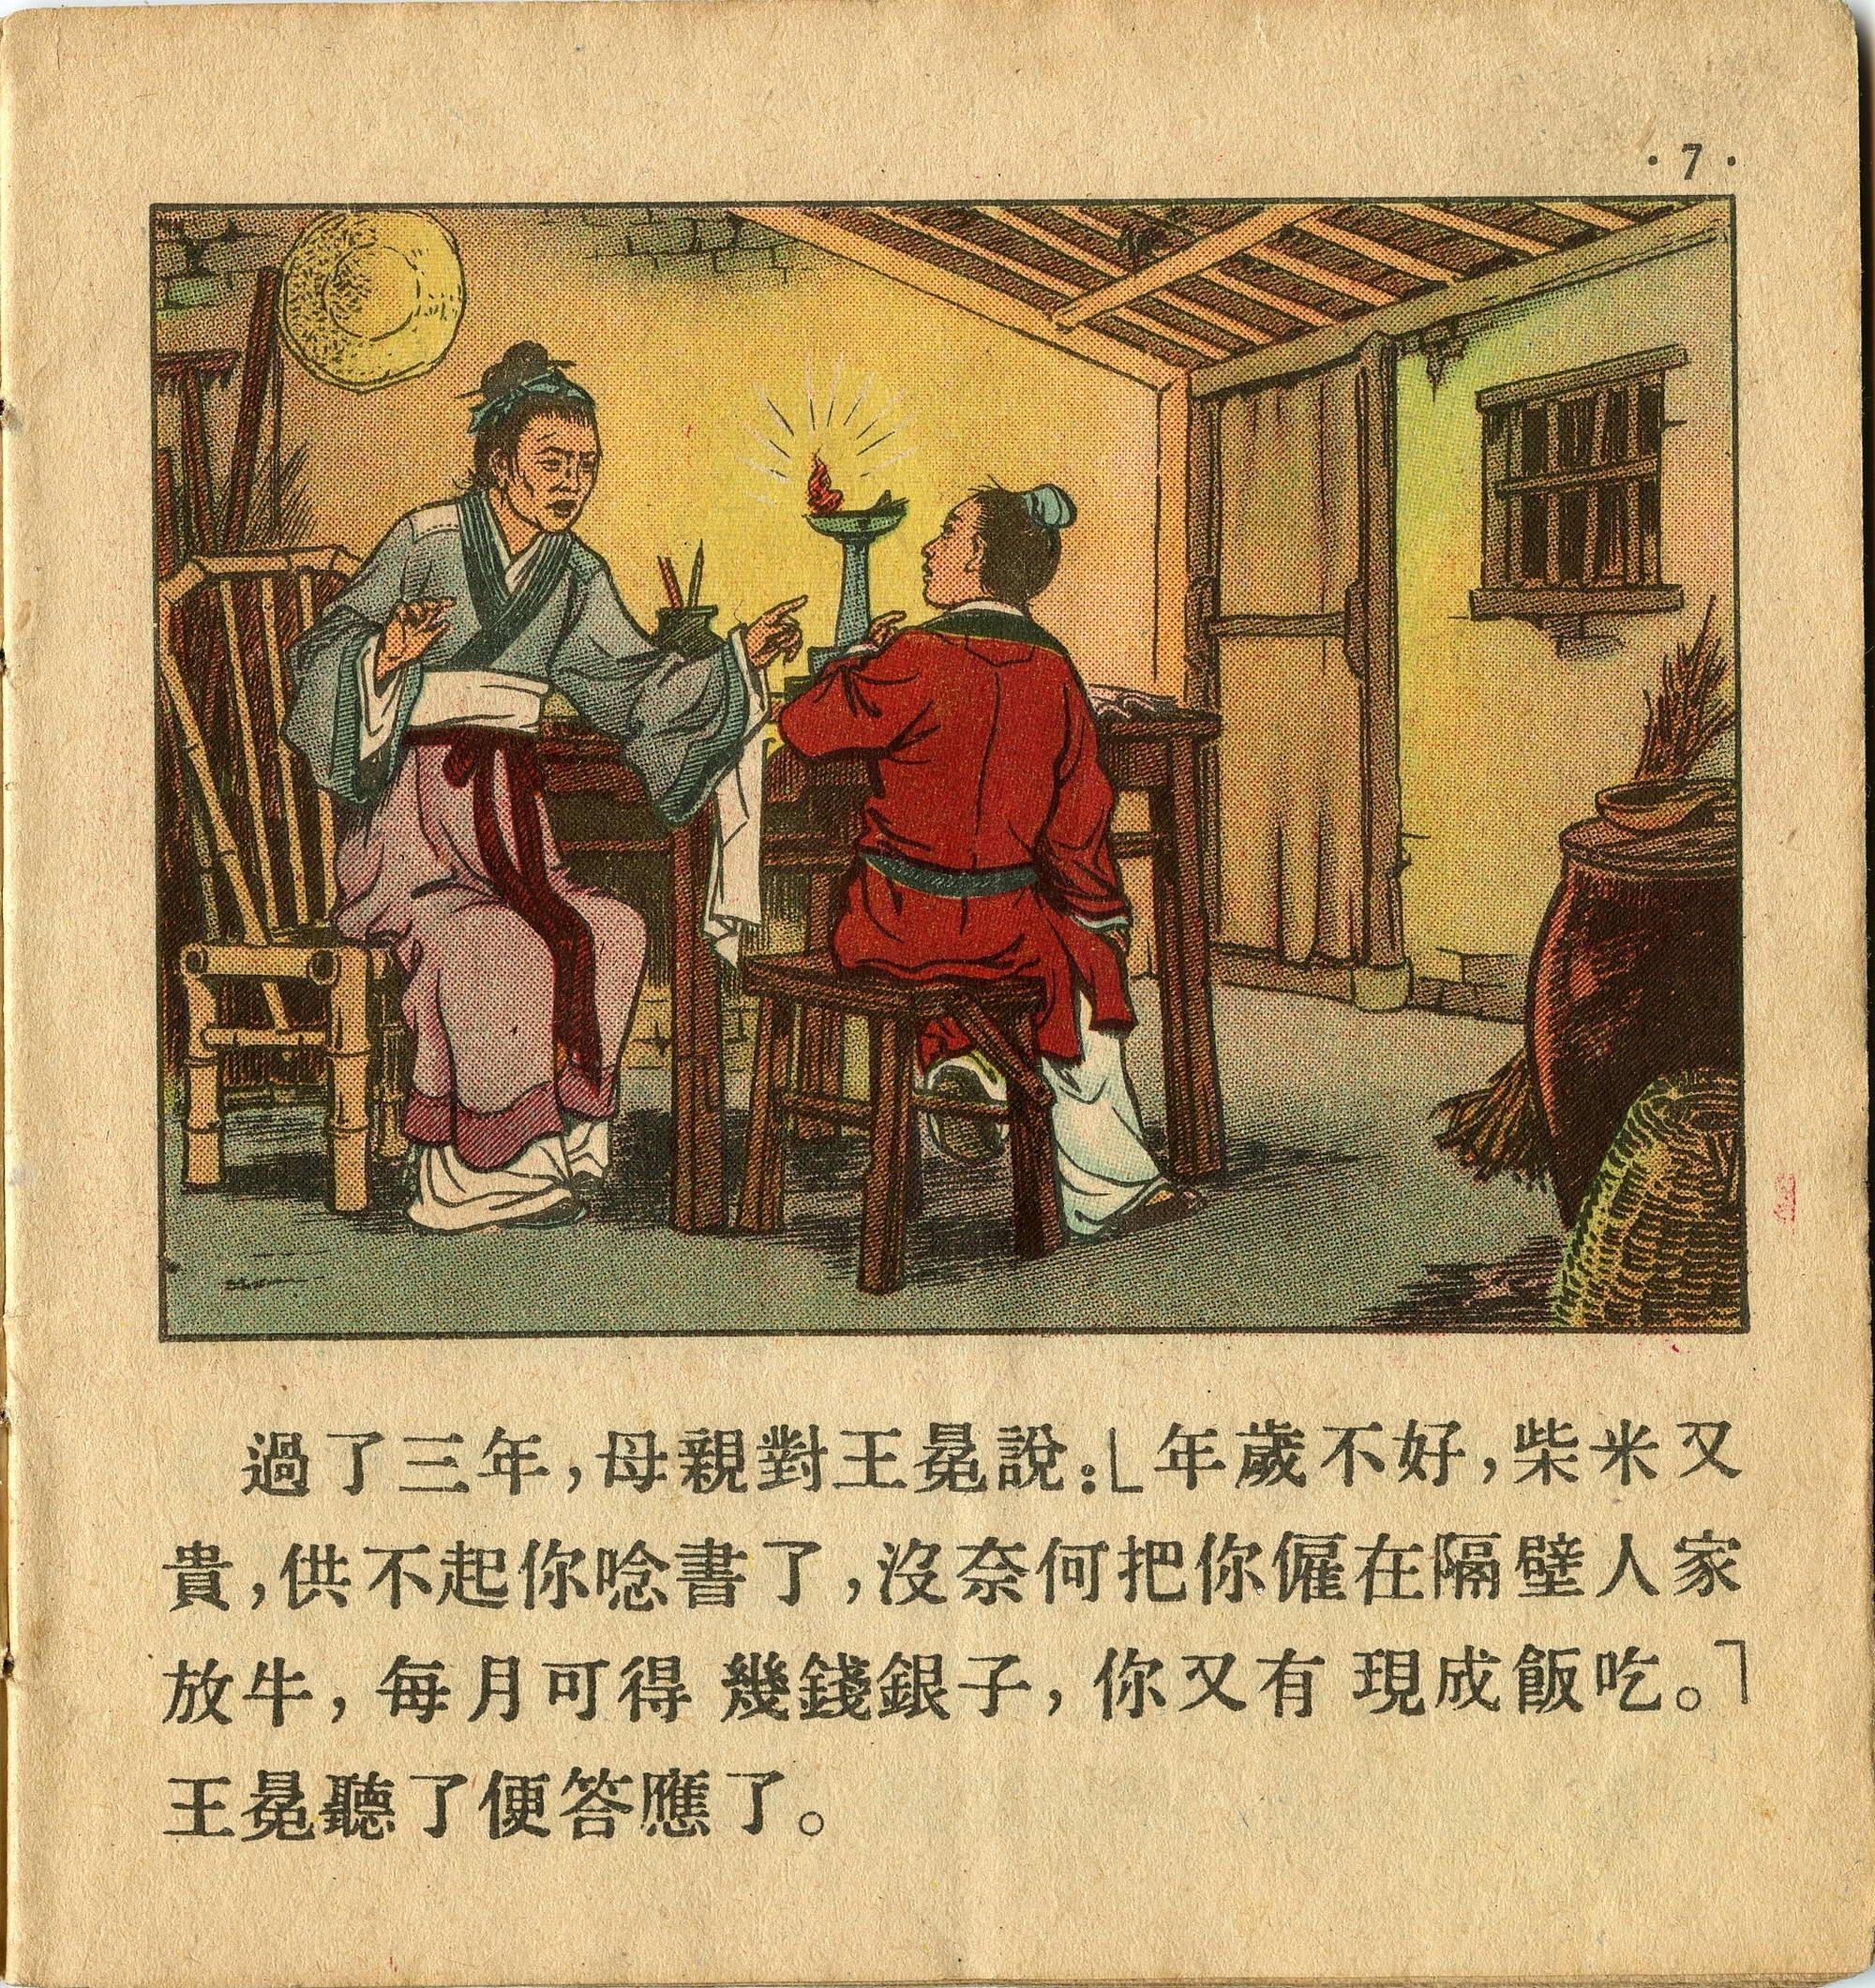 故事:怀旧连环画小人书-王冕学画